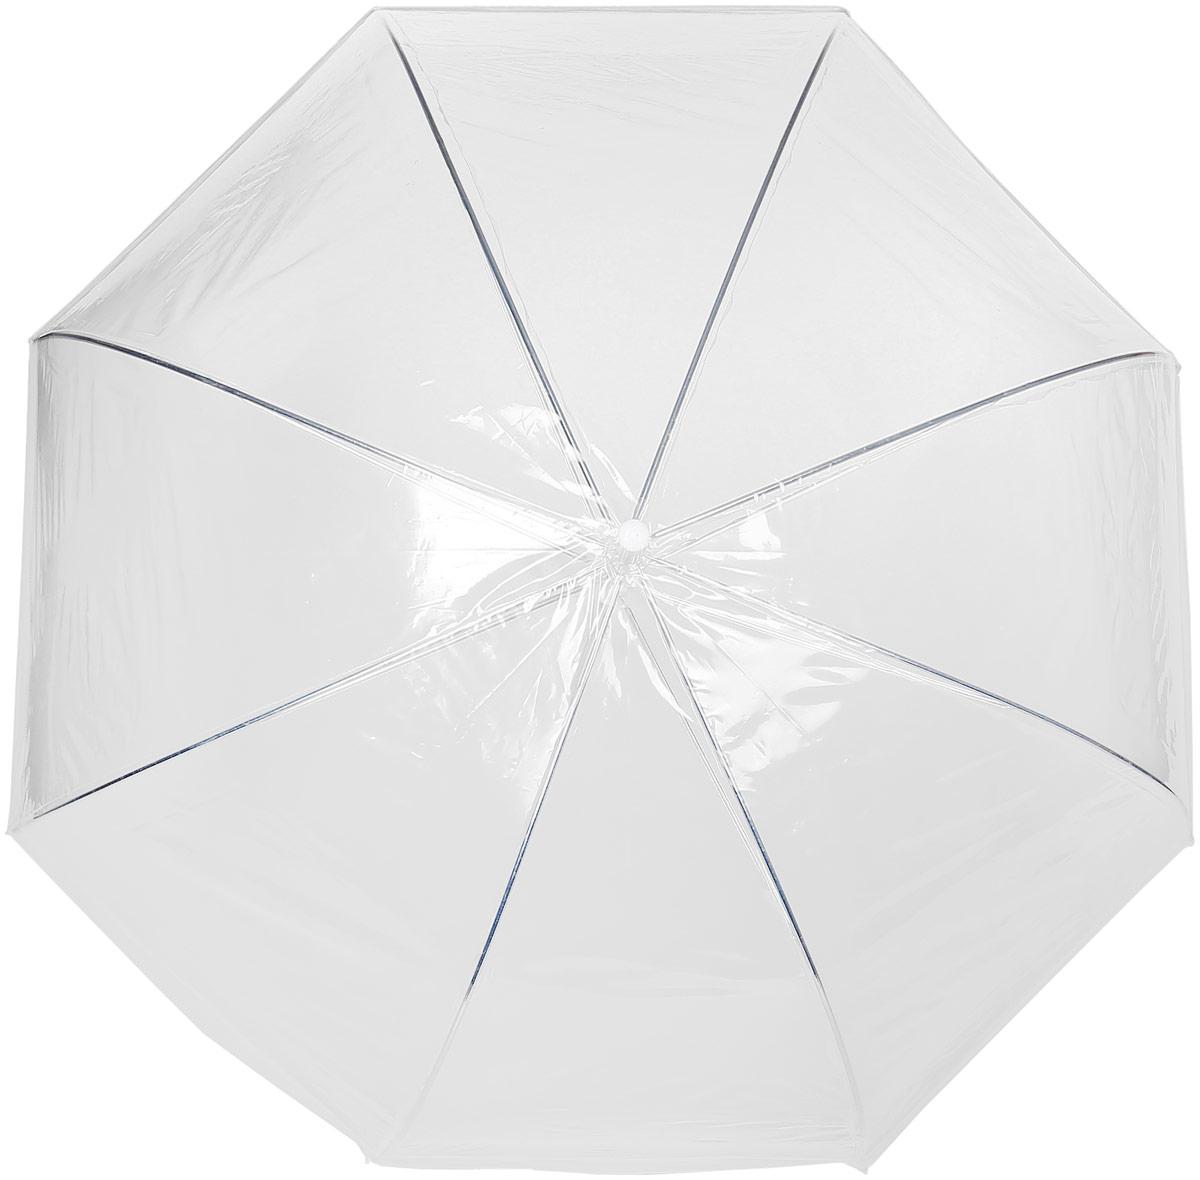 Зонт женский Эврика, трость, цвет: прозрачный, белый. 94861